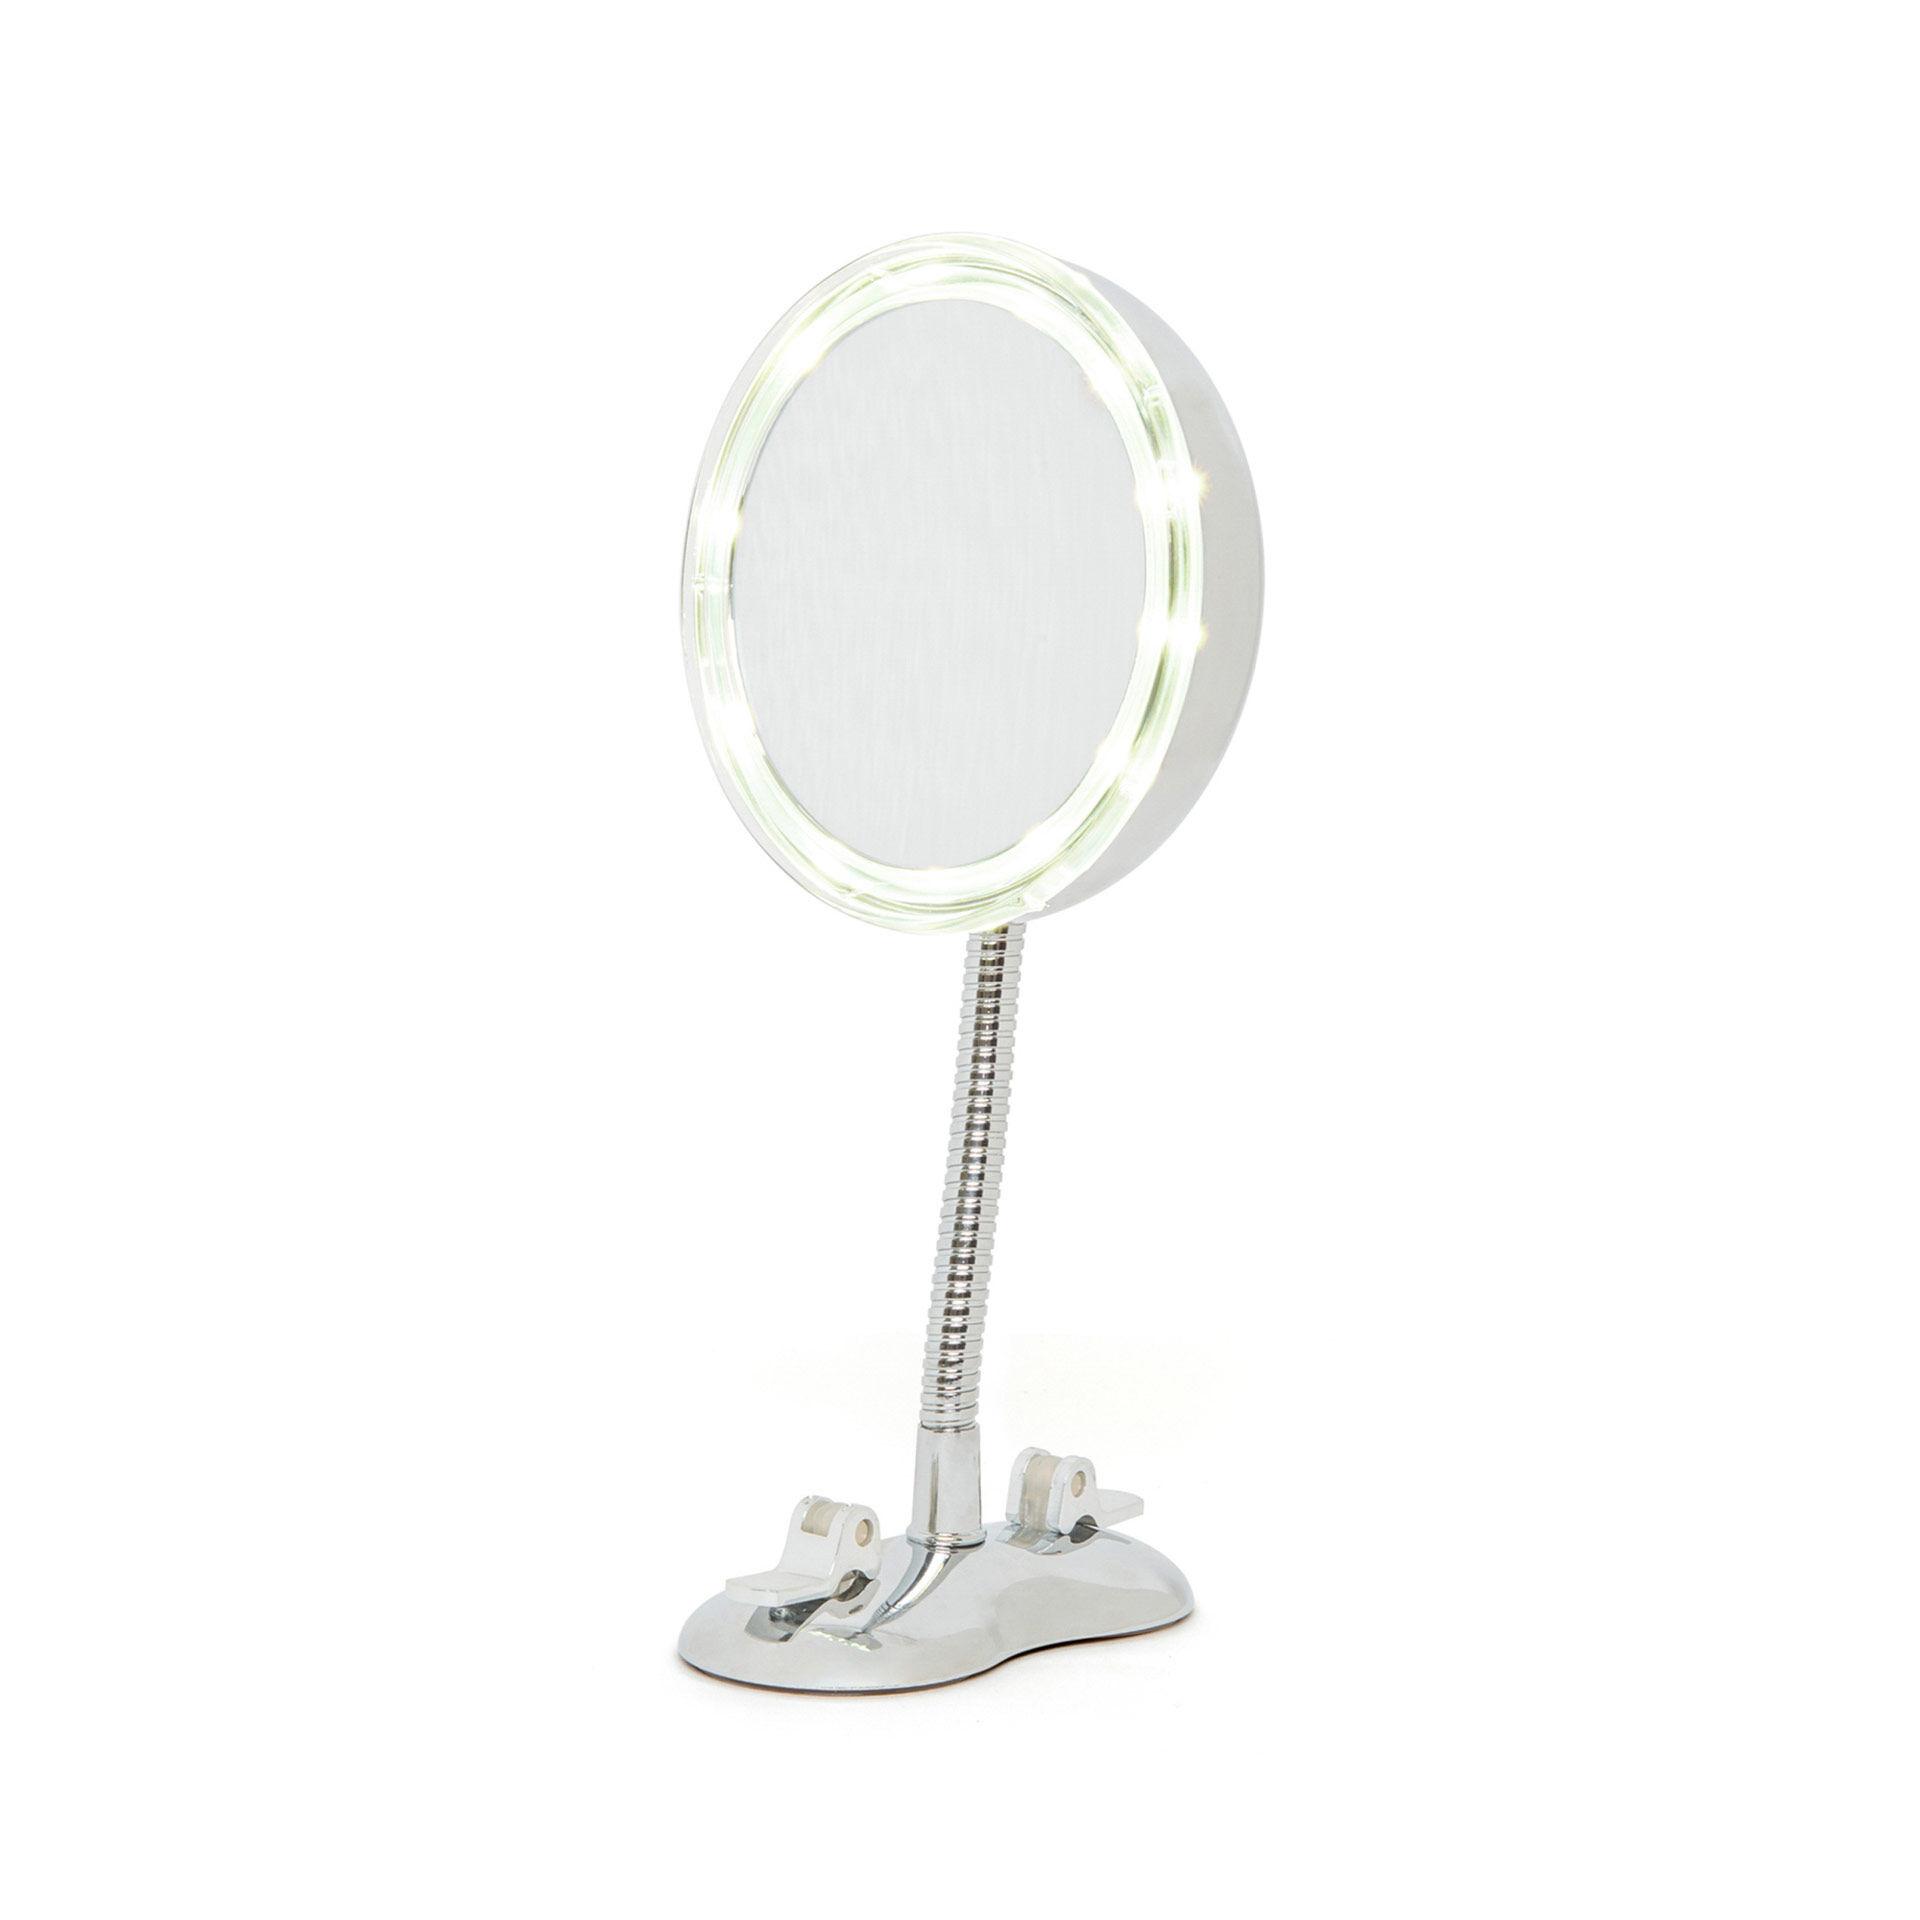 Miroir magnétique 5X avec lumière et ventouses, , large